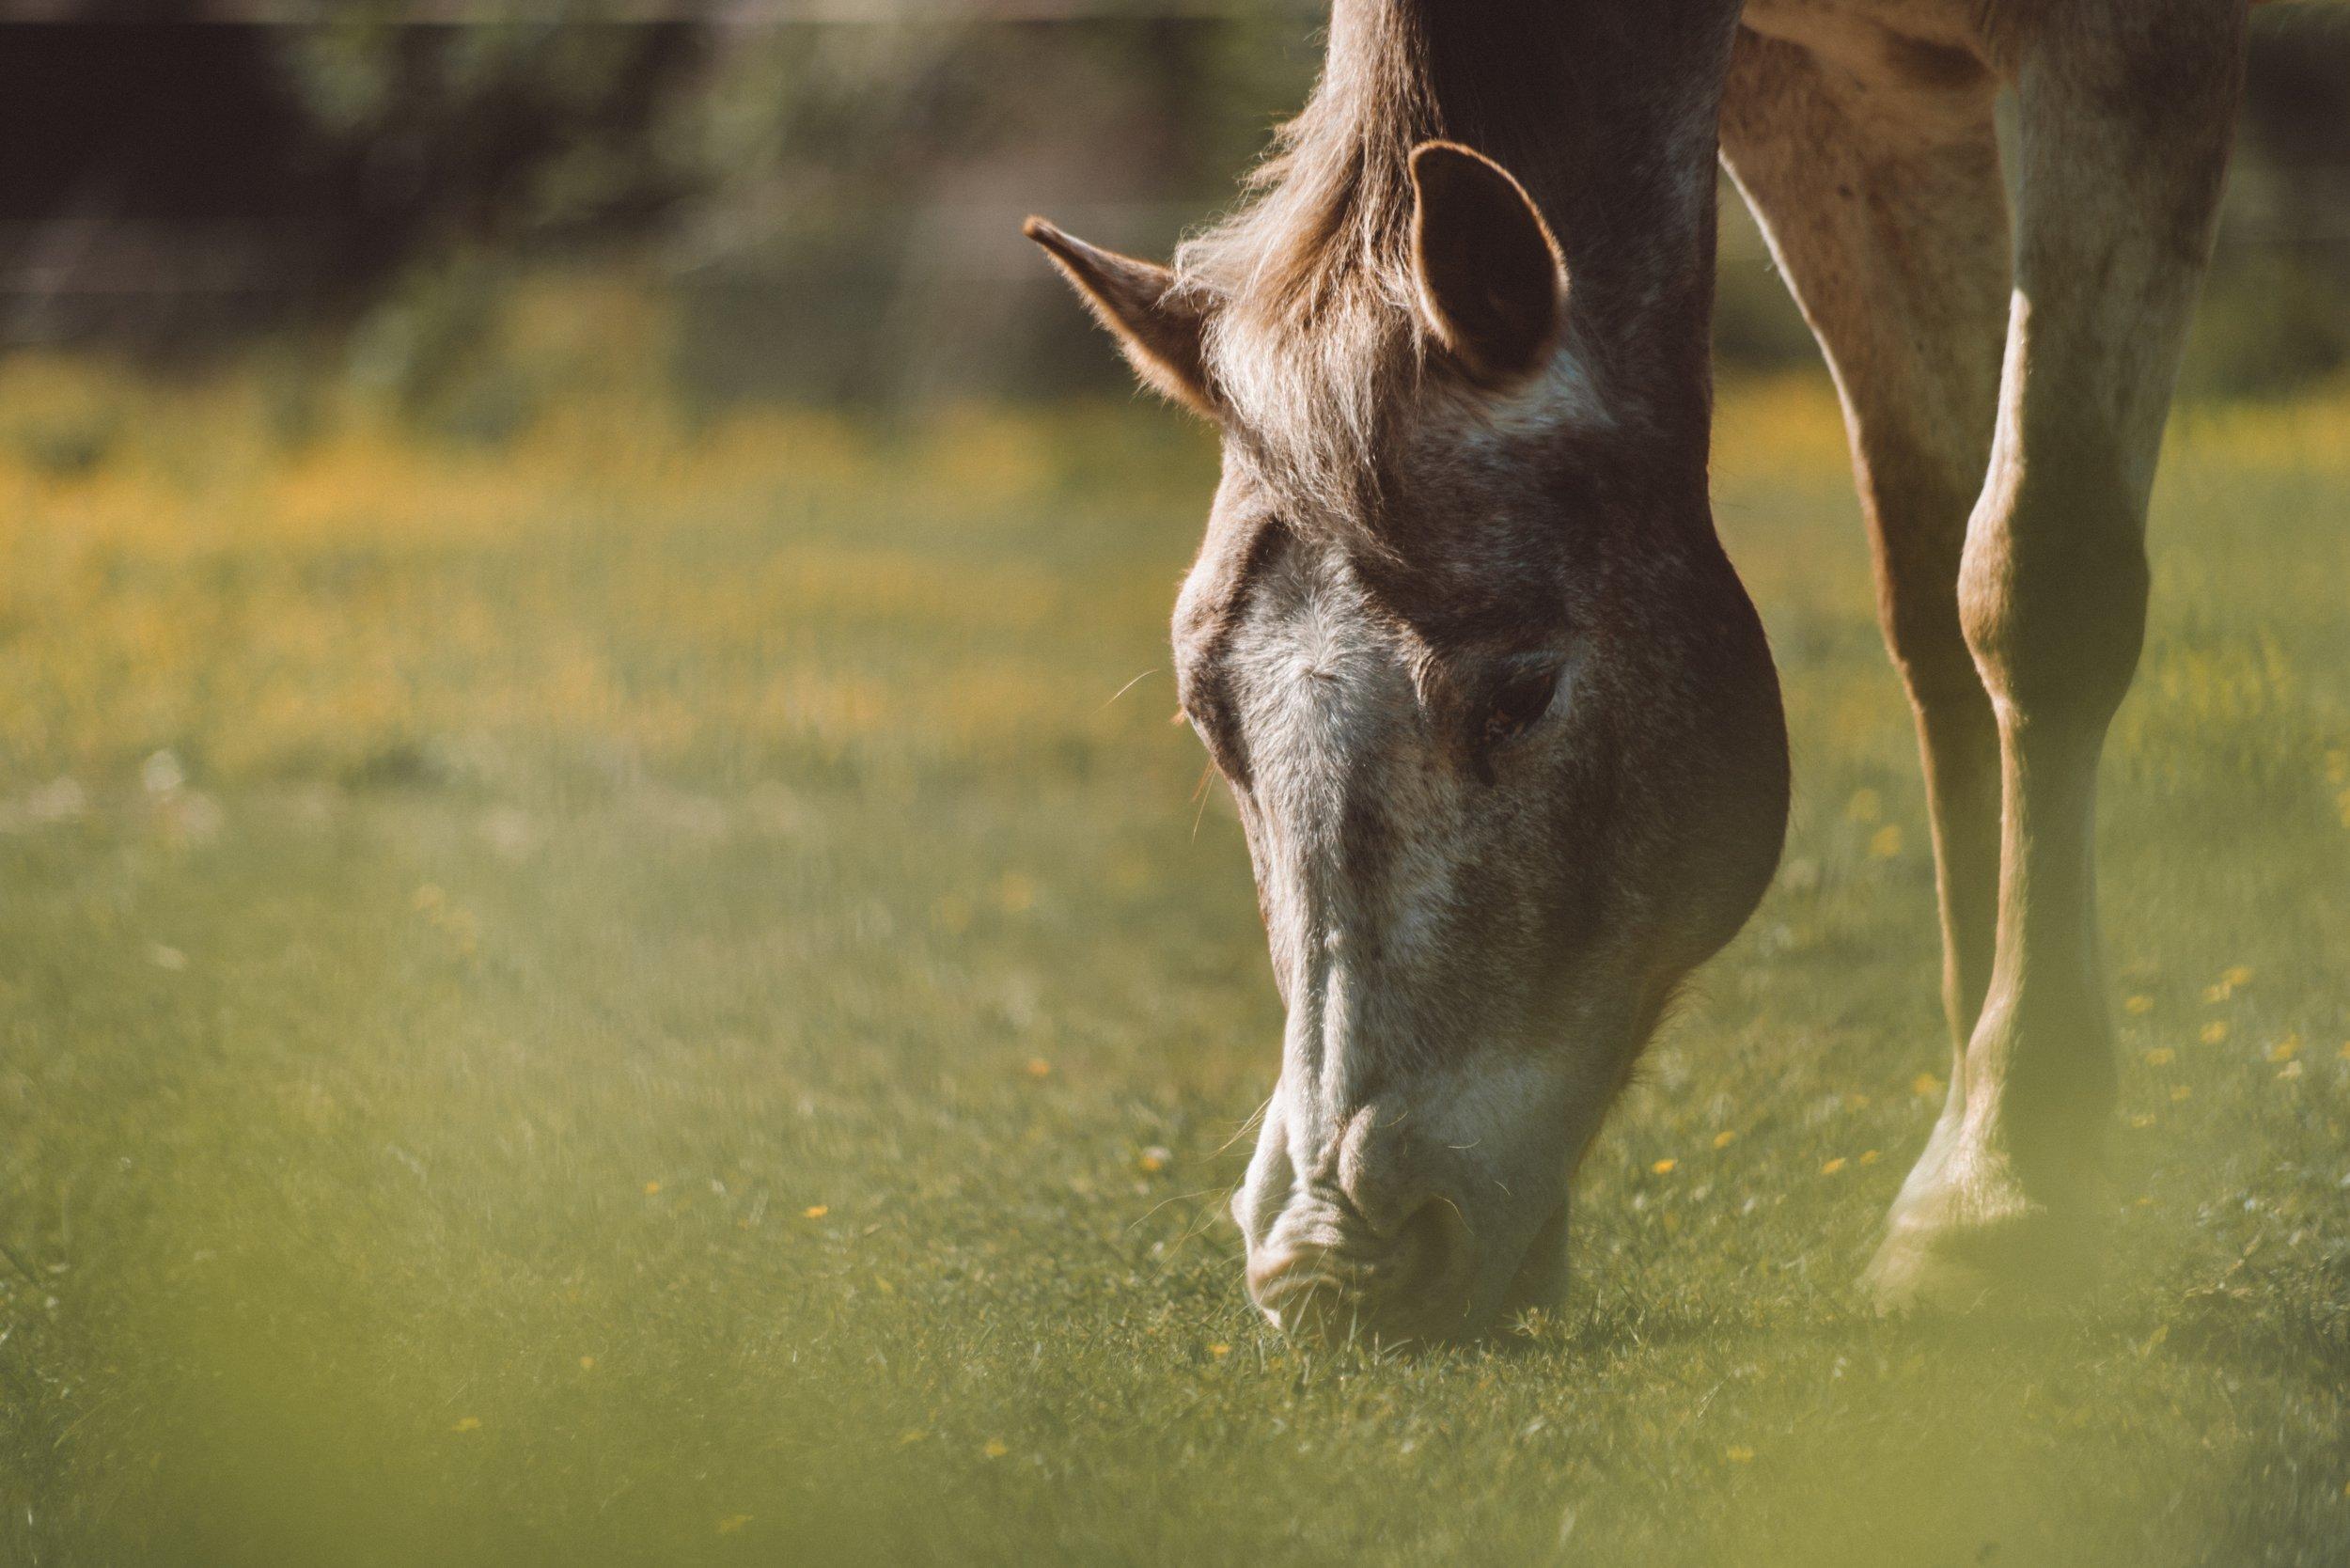 Un día entre caballos libres - Conoce una fundación que se encarga de cuidar y de la recuperación de animales maltratados o abandonados, ofreciéndoles un mayor bienestar... Pasearás por un parque natural para encontrar a las manadas de caballos y harás una visita etológica.Seguidamente, podrás disfrutar de una comida-degustación de productos locales, eco y de proximidad en una masía familiar de la zona.Precio: desde 35€ por persona